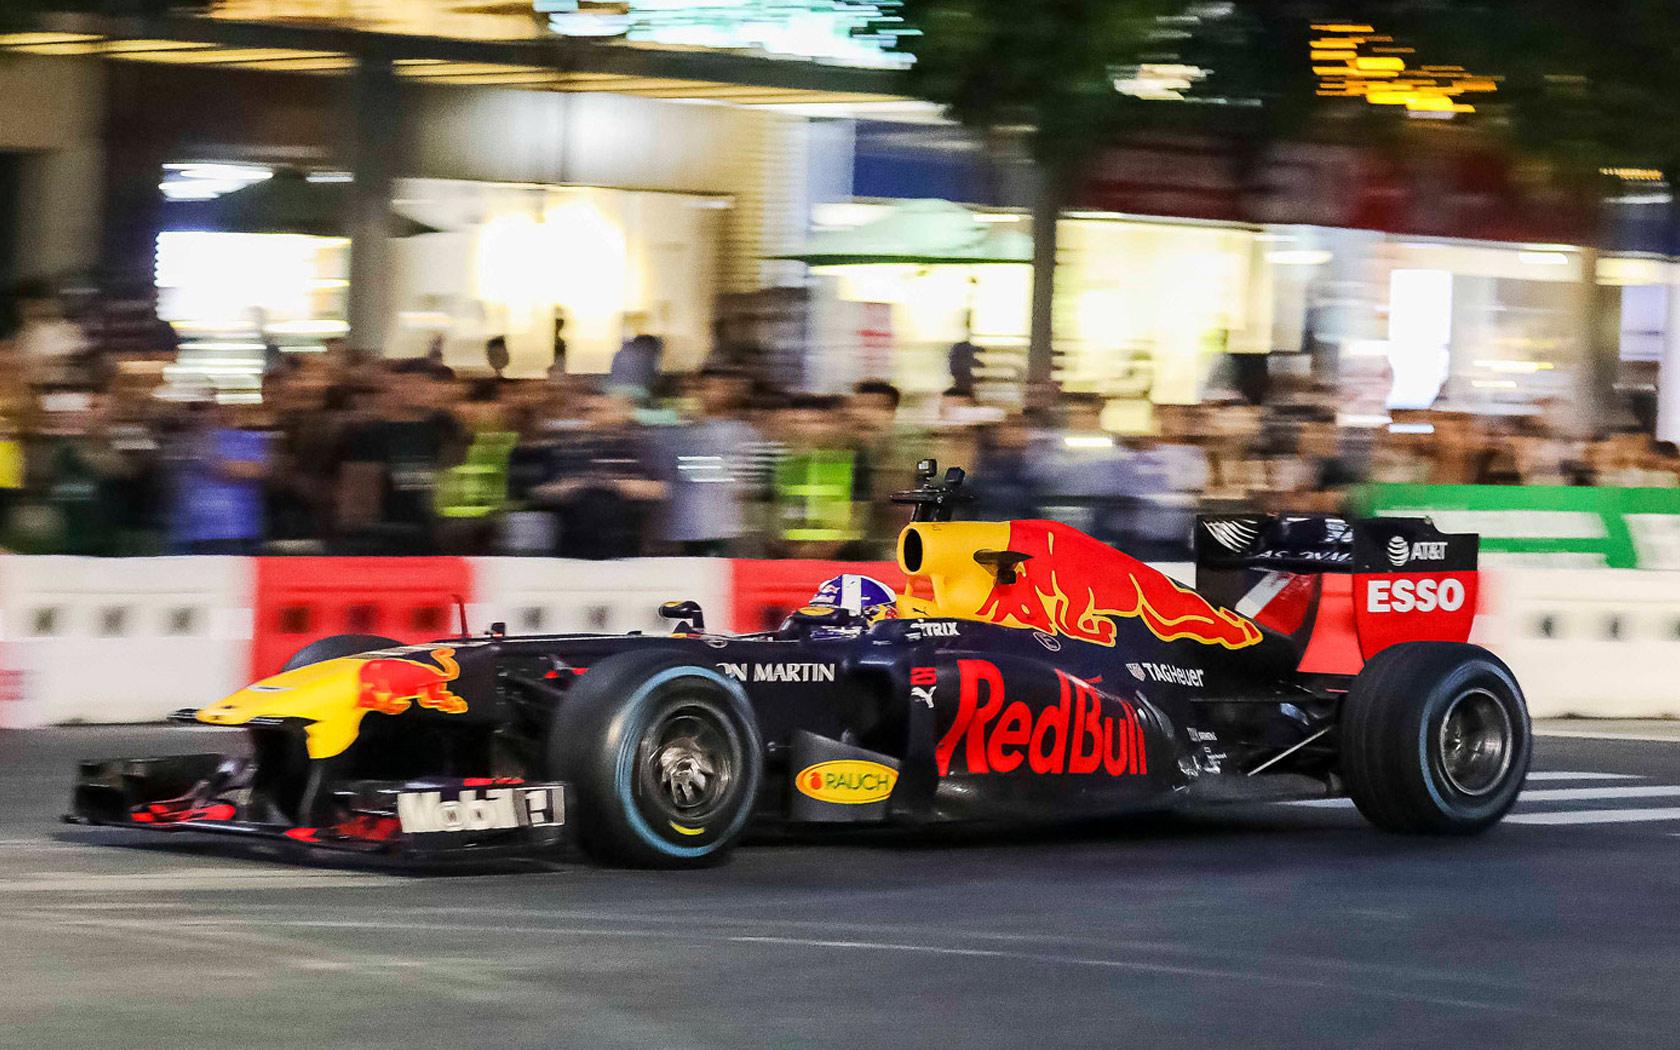 Việt Nam đăng cai F1: Cú hích lịch sử và giấc mơ sắp thành sự thực - 9